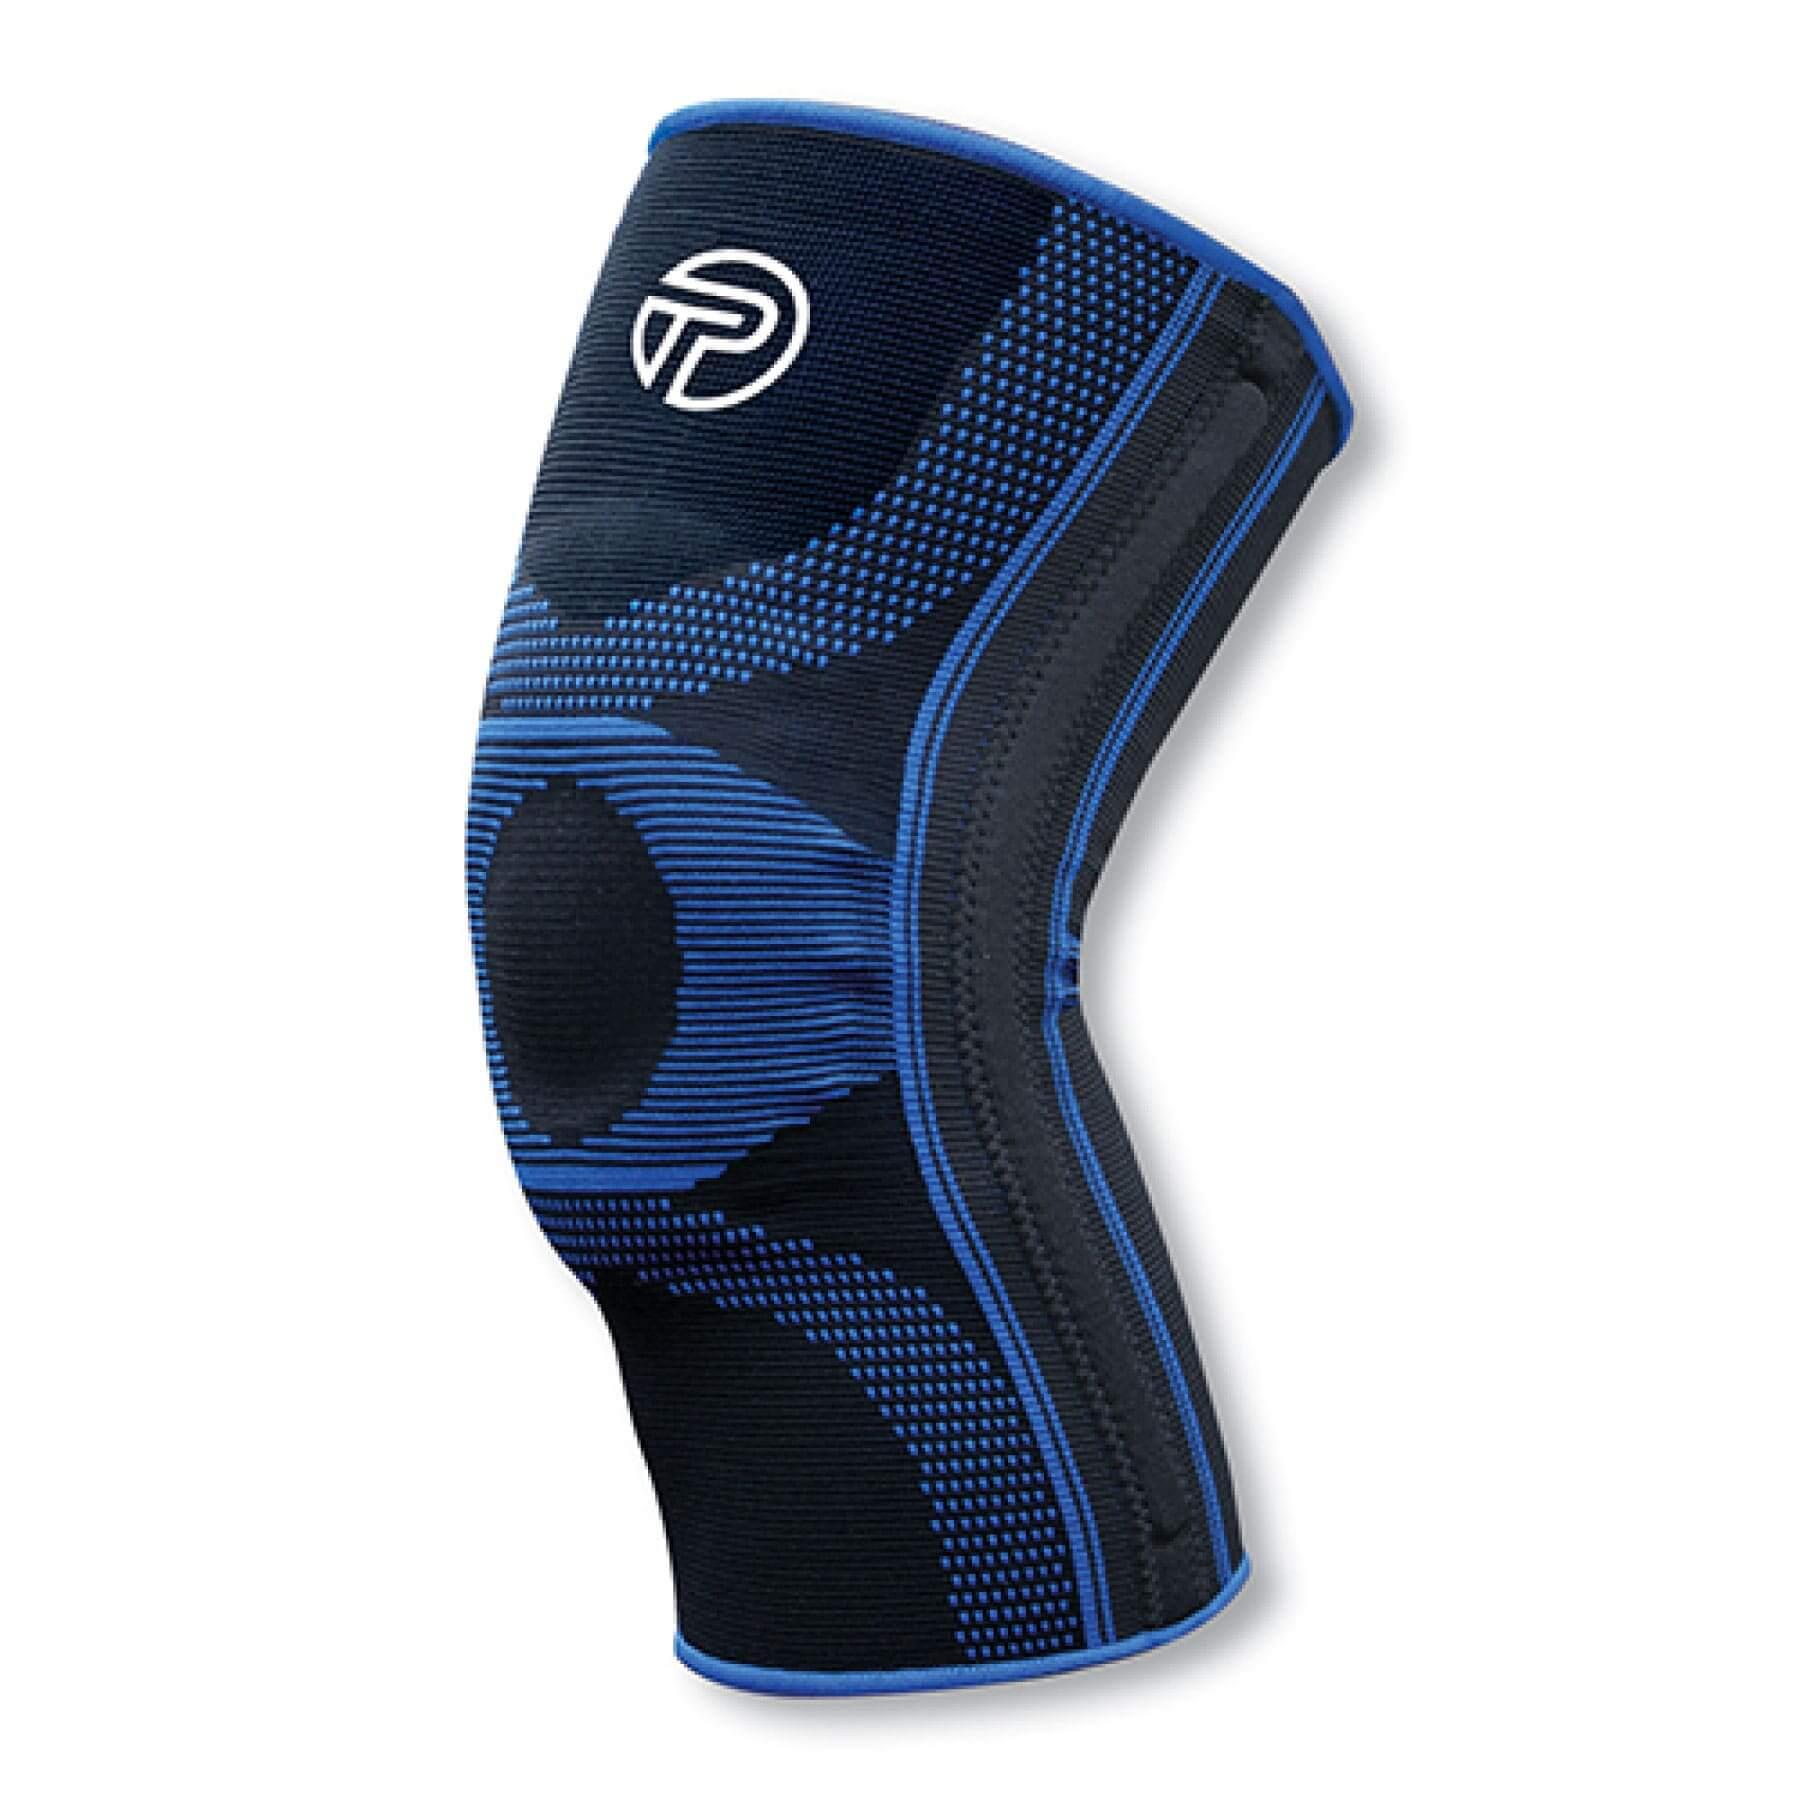 c31a0d4db3 3D Flat Knee Support | Pro-Tec Athletics